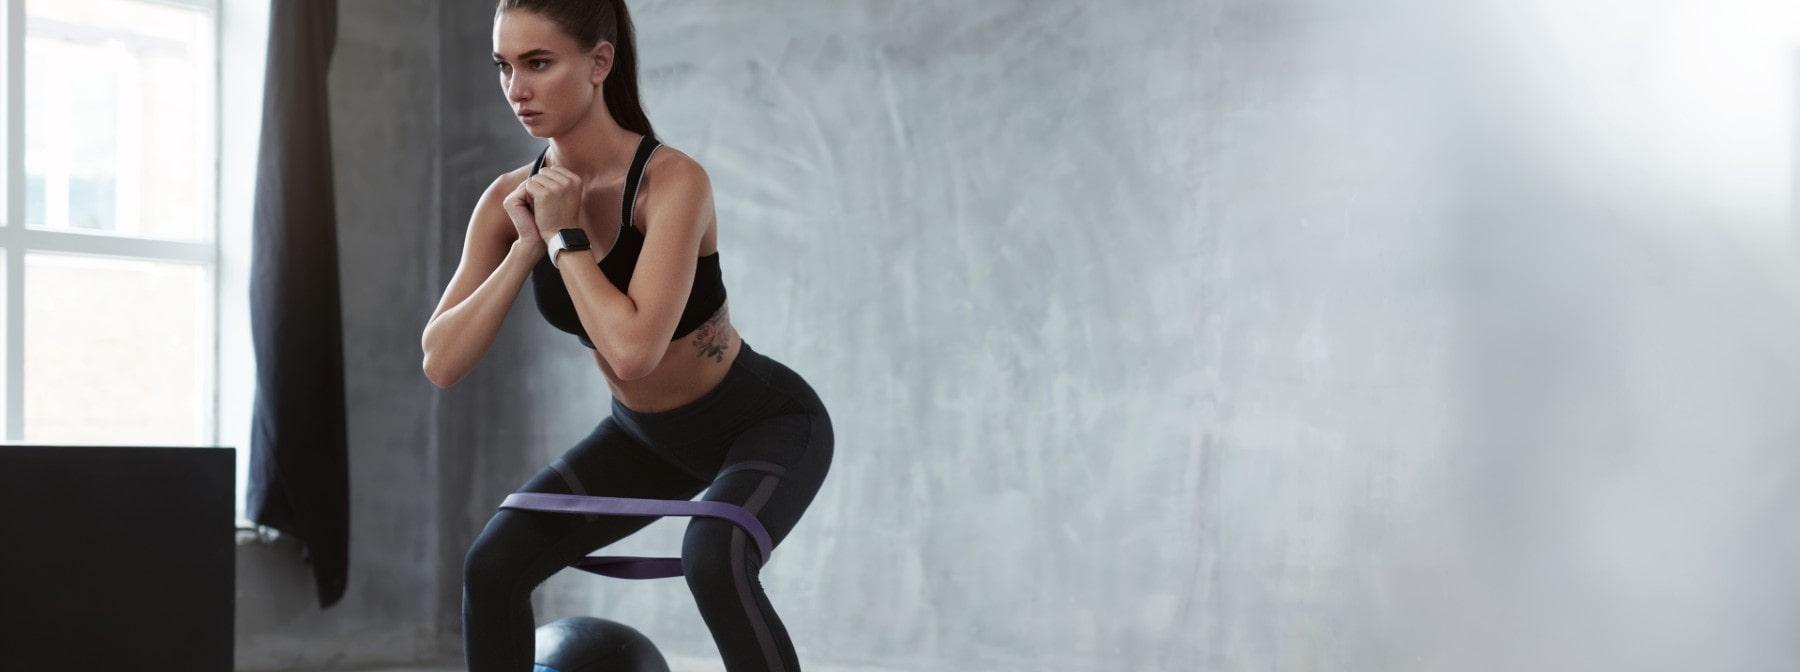 8 эффективных упражнений с эспандером (С ВИДЕО)